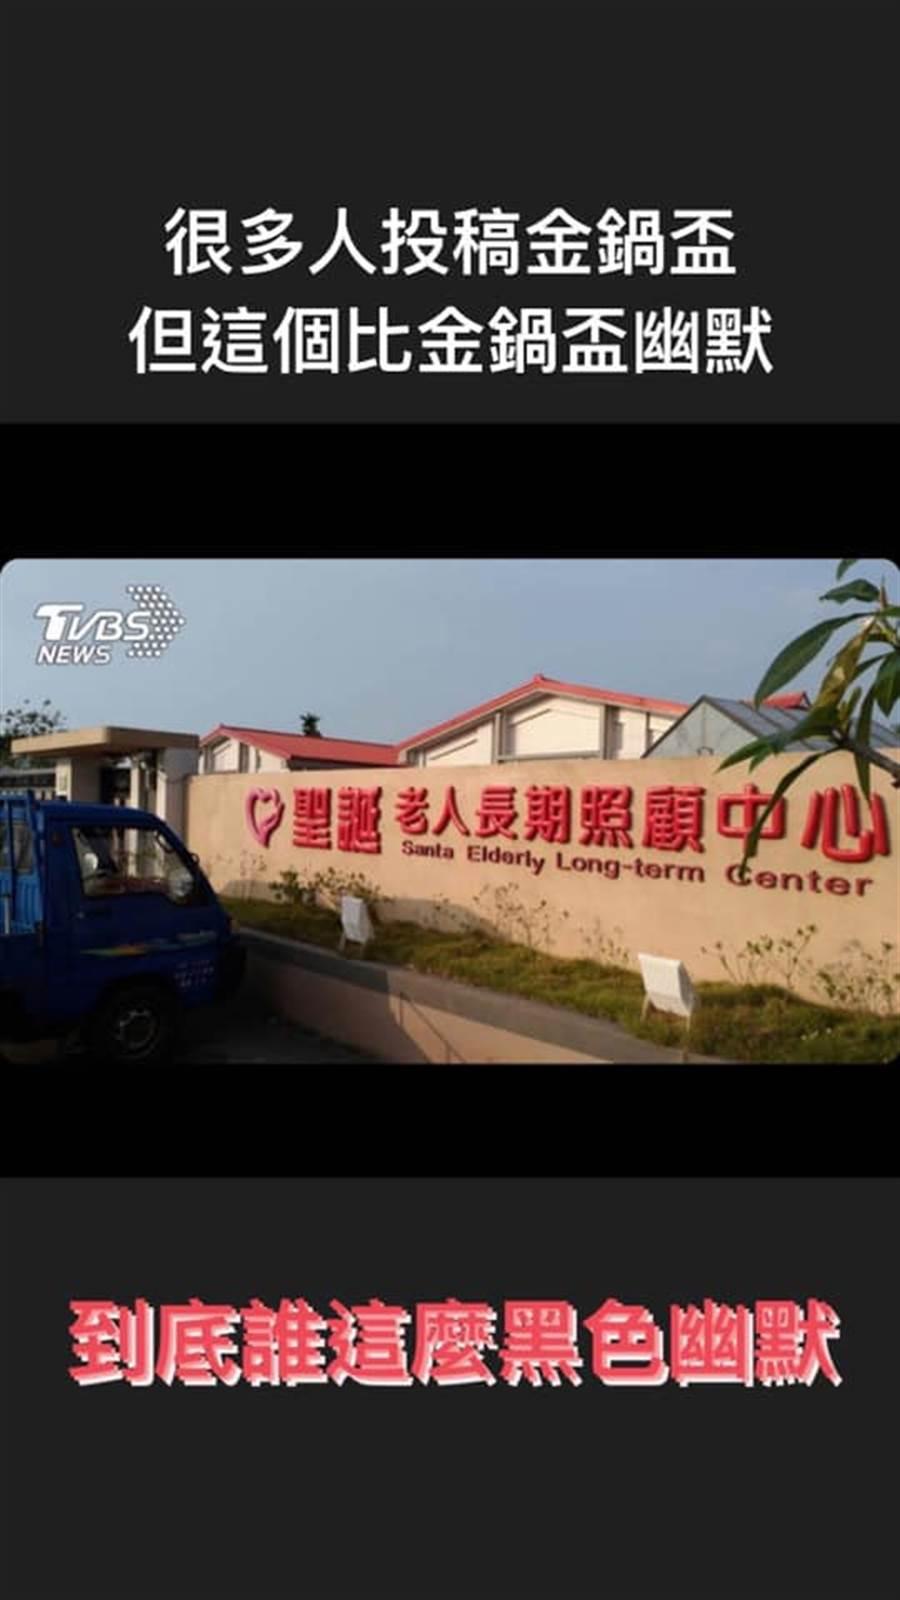 這間老人護理中心,也讓人直呼創意無極限。(圖/翻攝自劇評可以毒舌,待人必要親和臉書粉專)